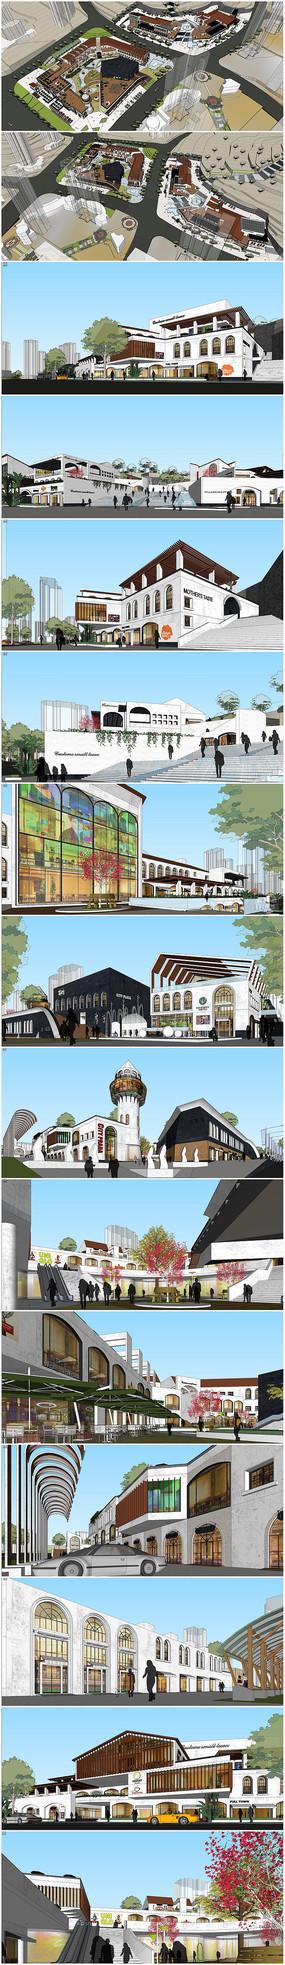 地中海风格现代商业街区模型